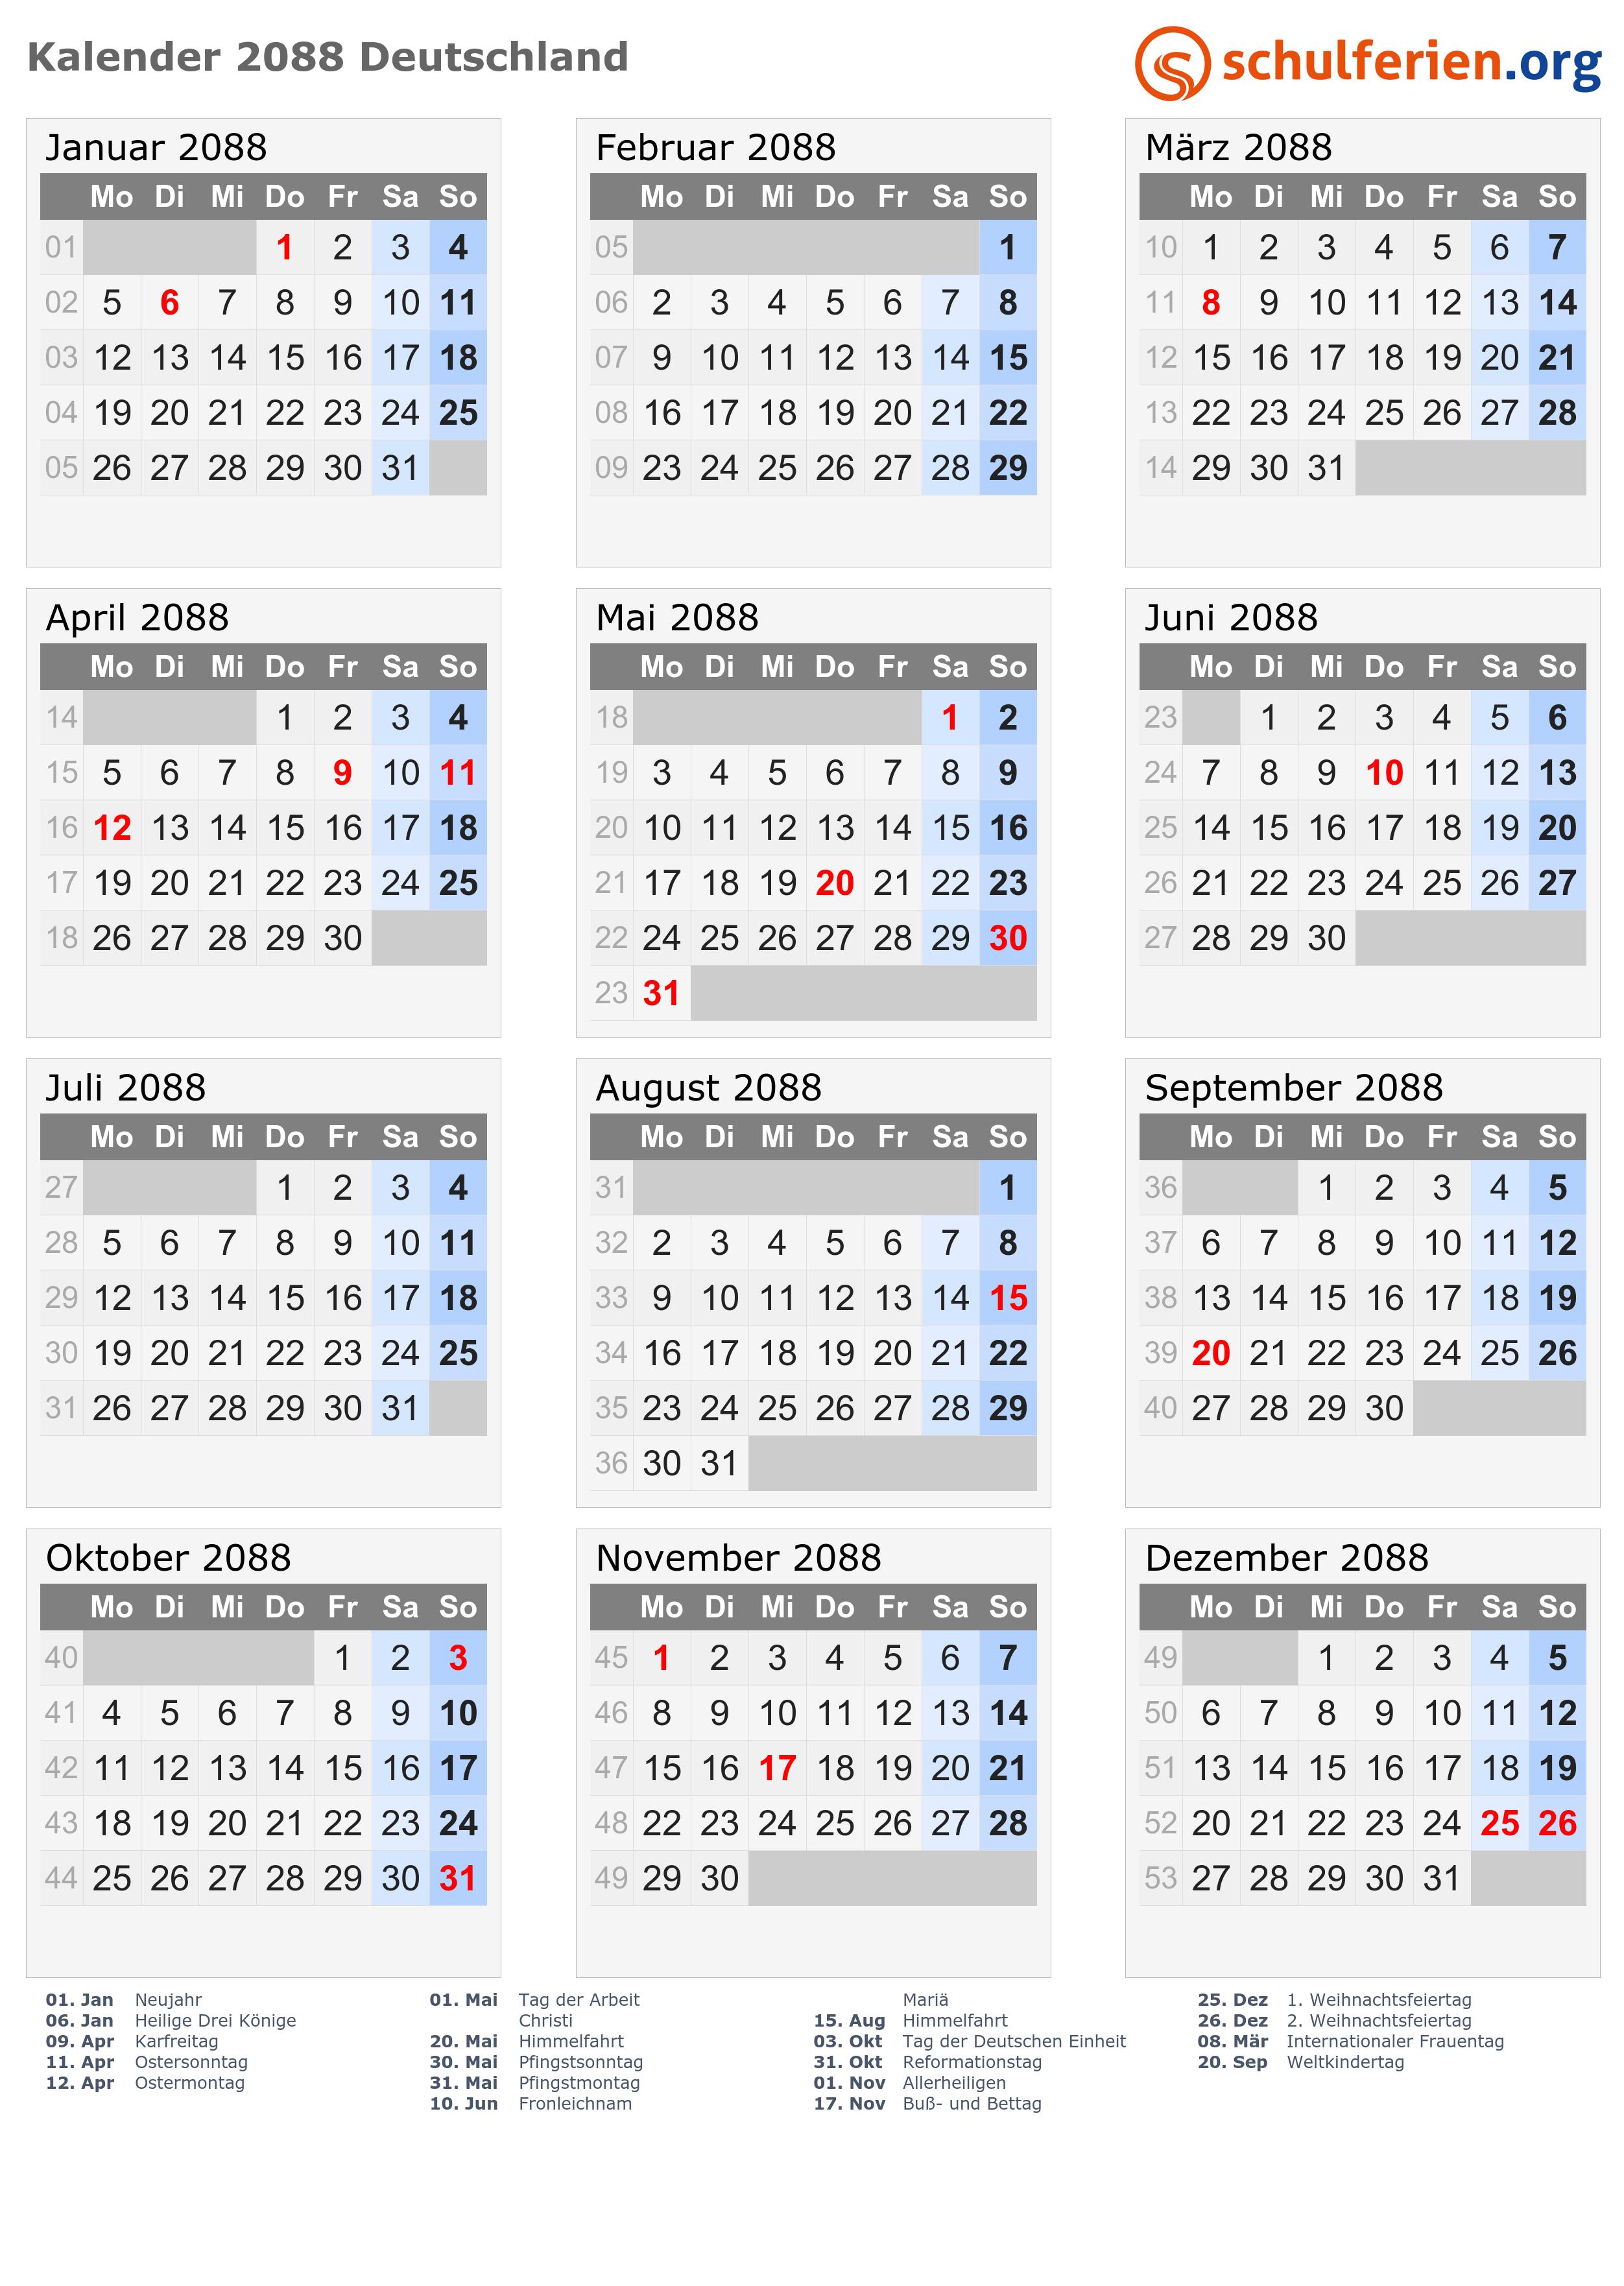 Kalender 2088 mit Feiertagen